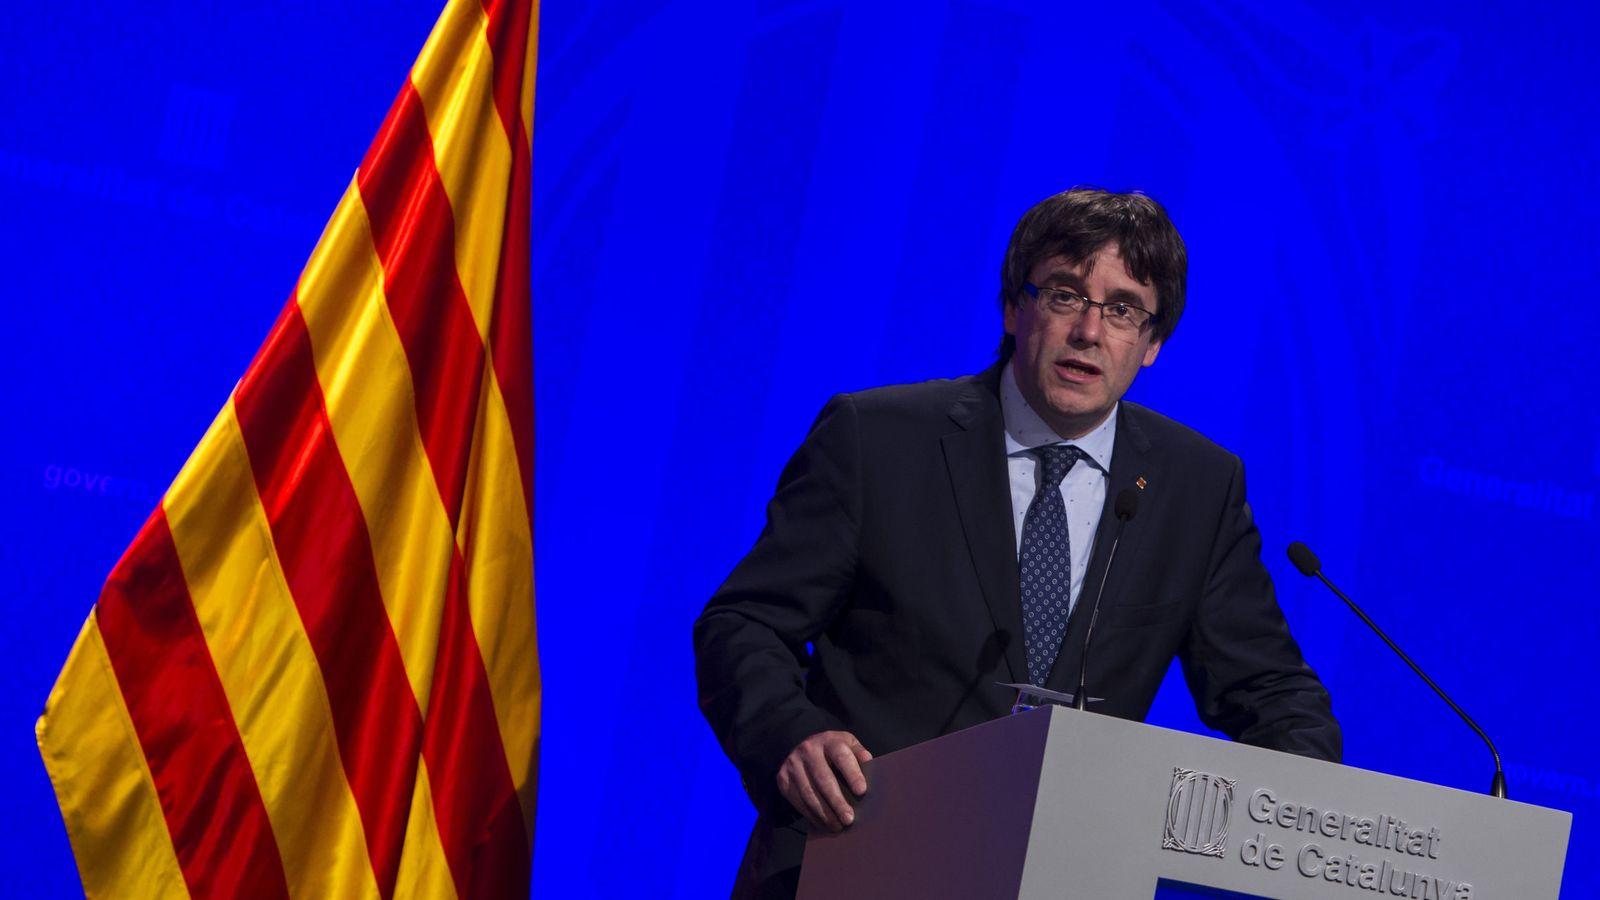 Foto: El presidente de la Generalitat de Catalunya, Carles Puigdemont, durante una rueda de prensa. (EFE)